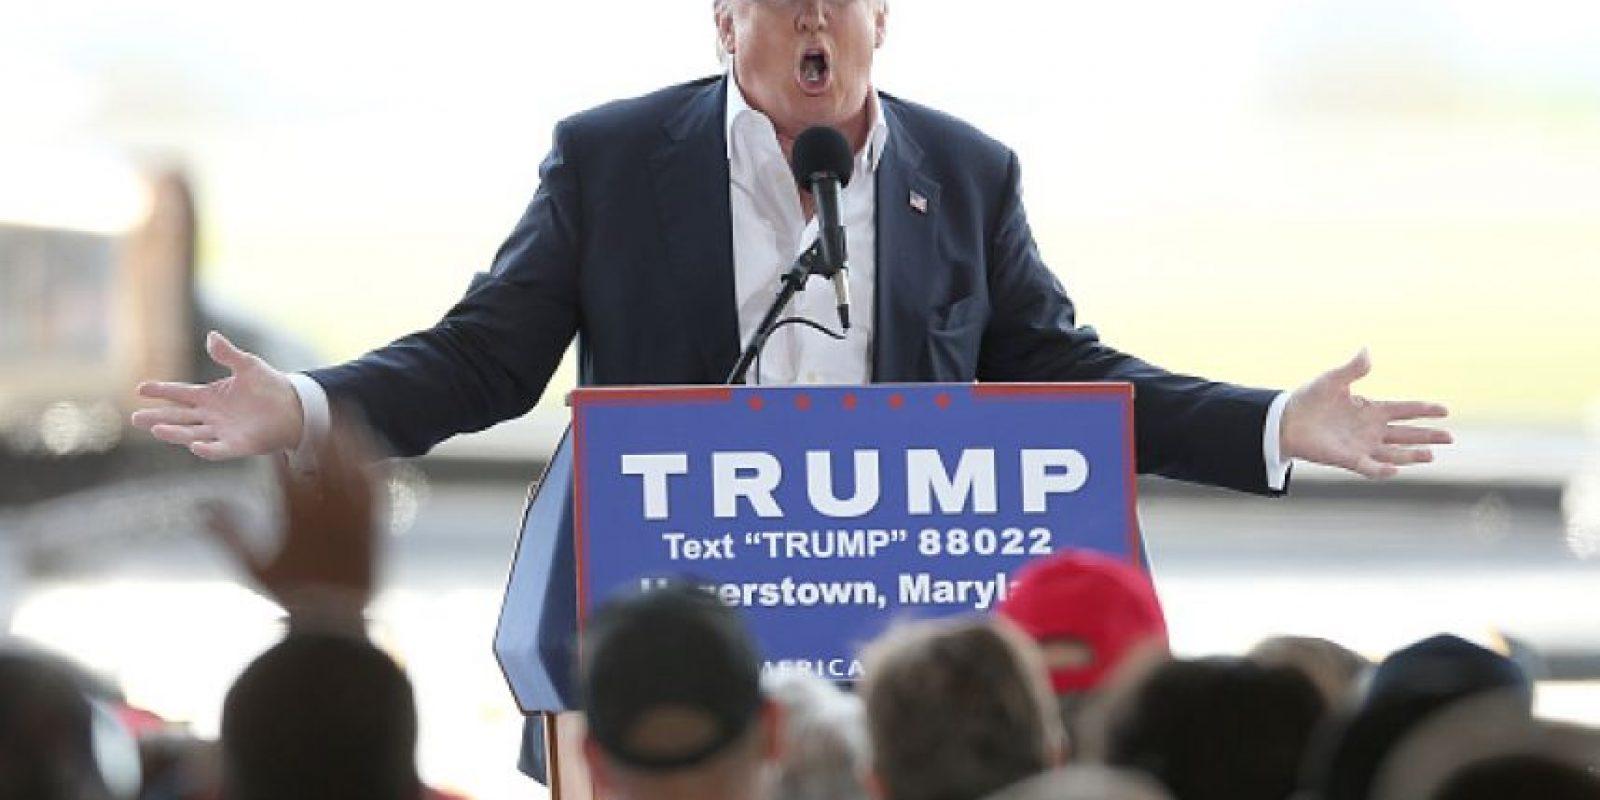 Una vez más surge una voz alertando del peligro que representaría la presidencia de Donald Trump. y en esta ocasión, el llamado viene desde un instituto de investigación política. Foto:Getty Images